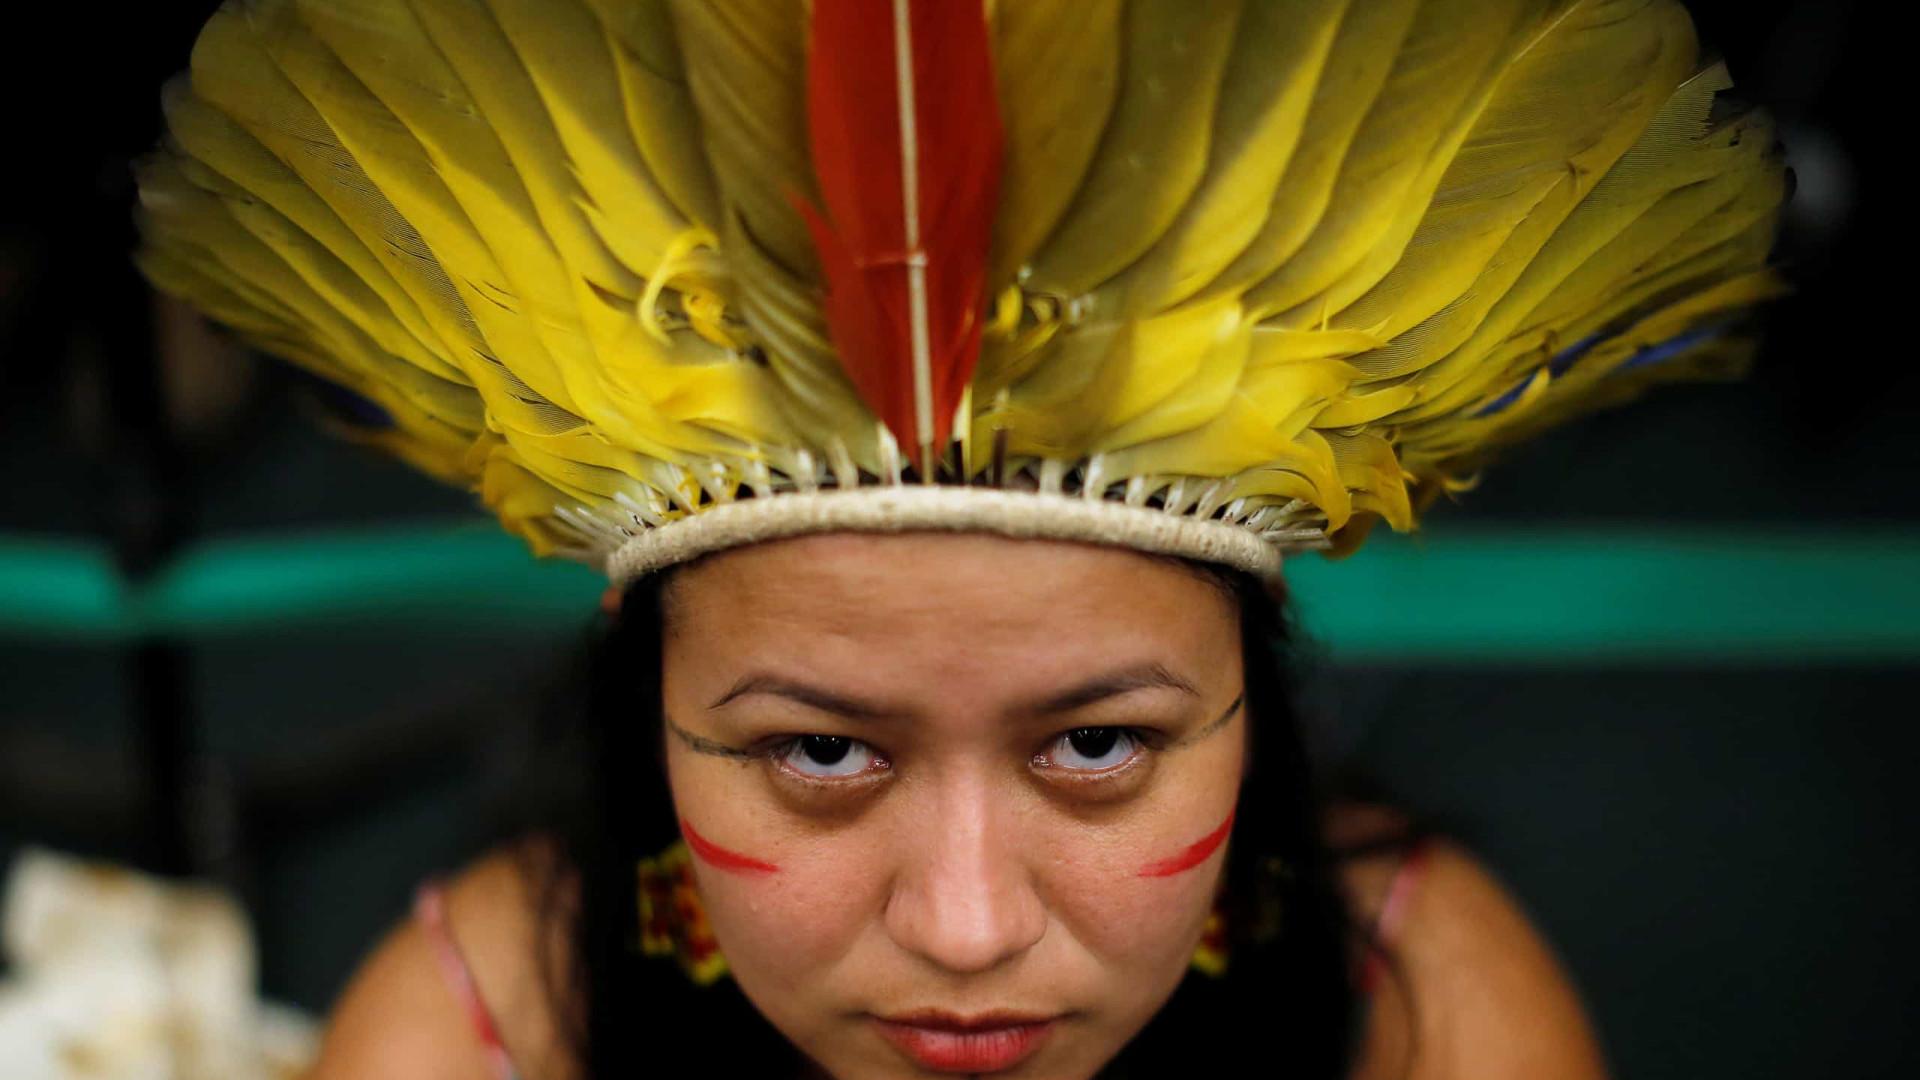 Povos indígenas pedem proteção e fim de assassinatos de líderes